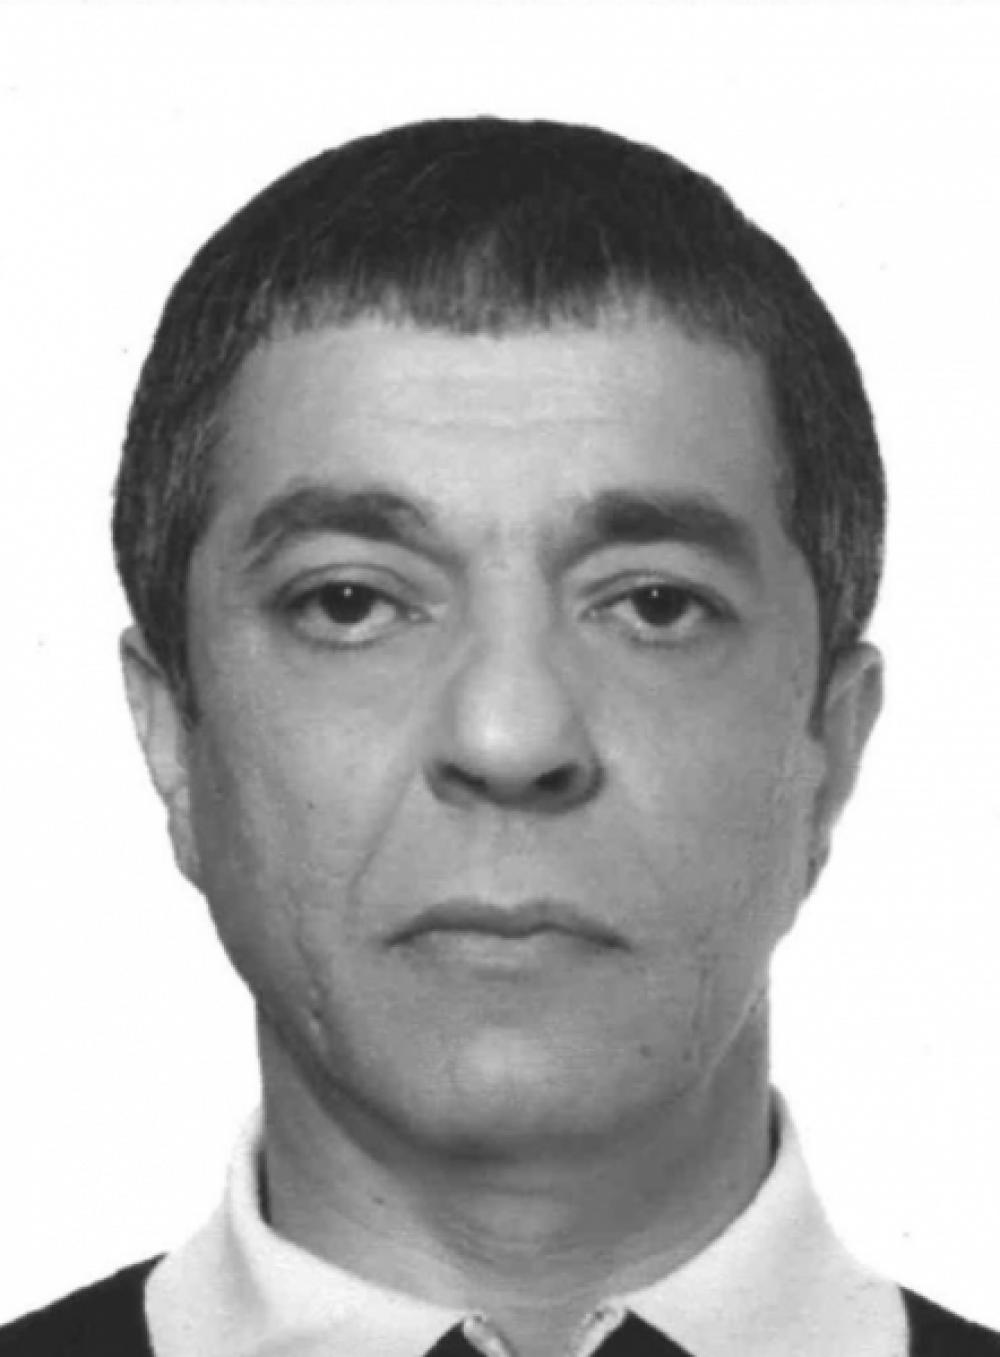 Внимание: розыск подозреваемого в совершении тяжкого преступления